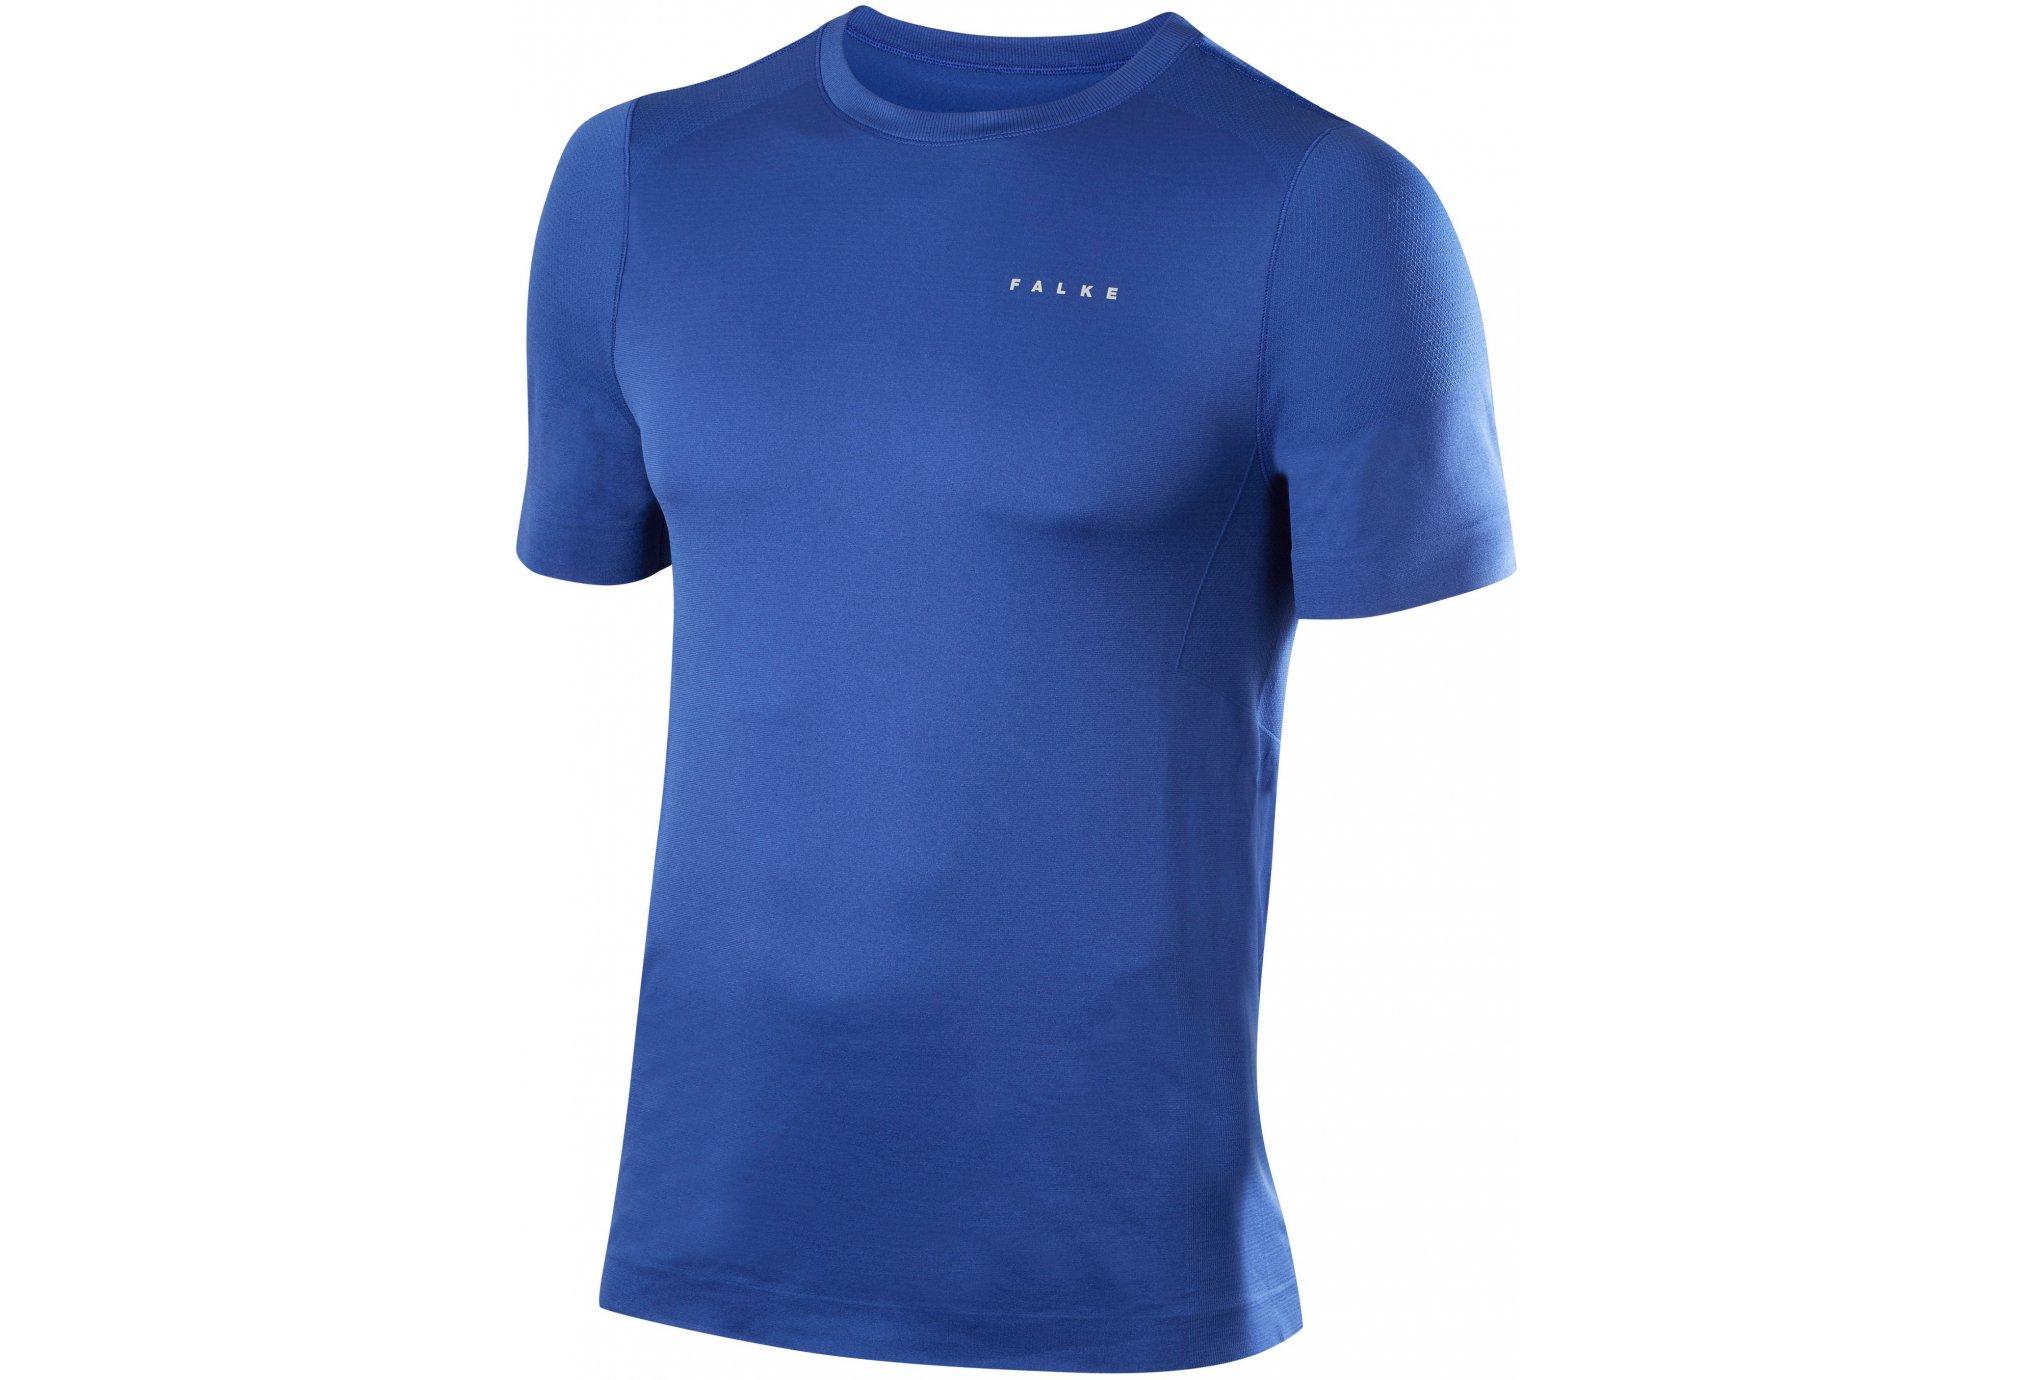 Falke Tee-shirt Energy M Diététique Vêtements homme